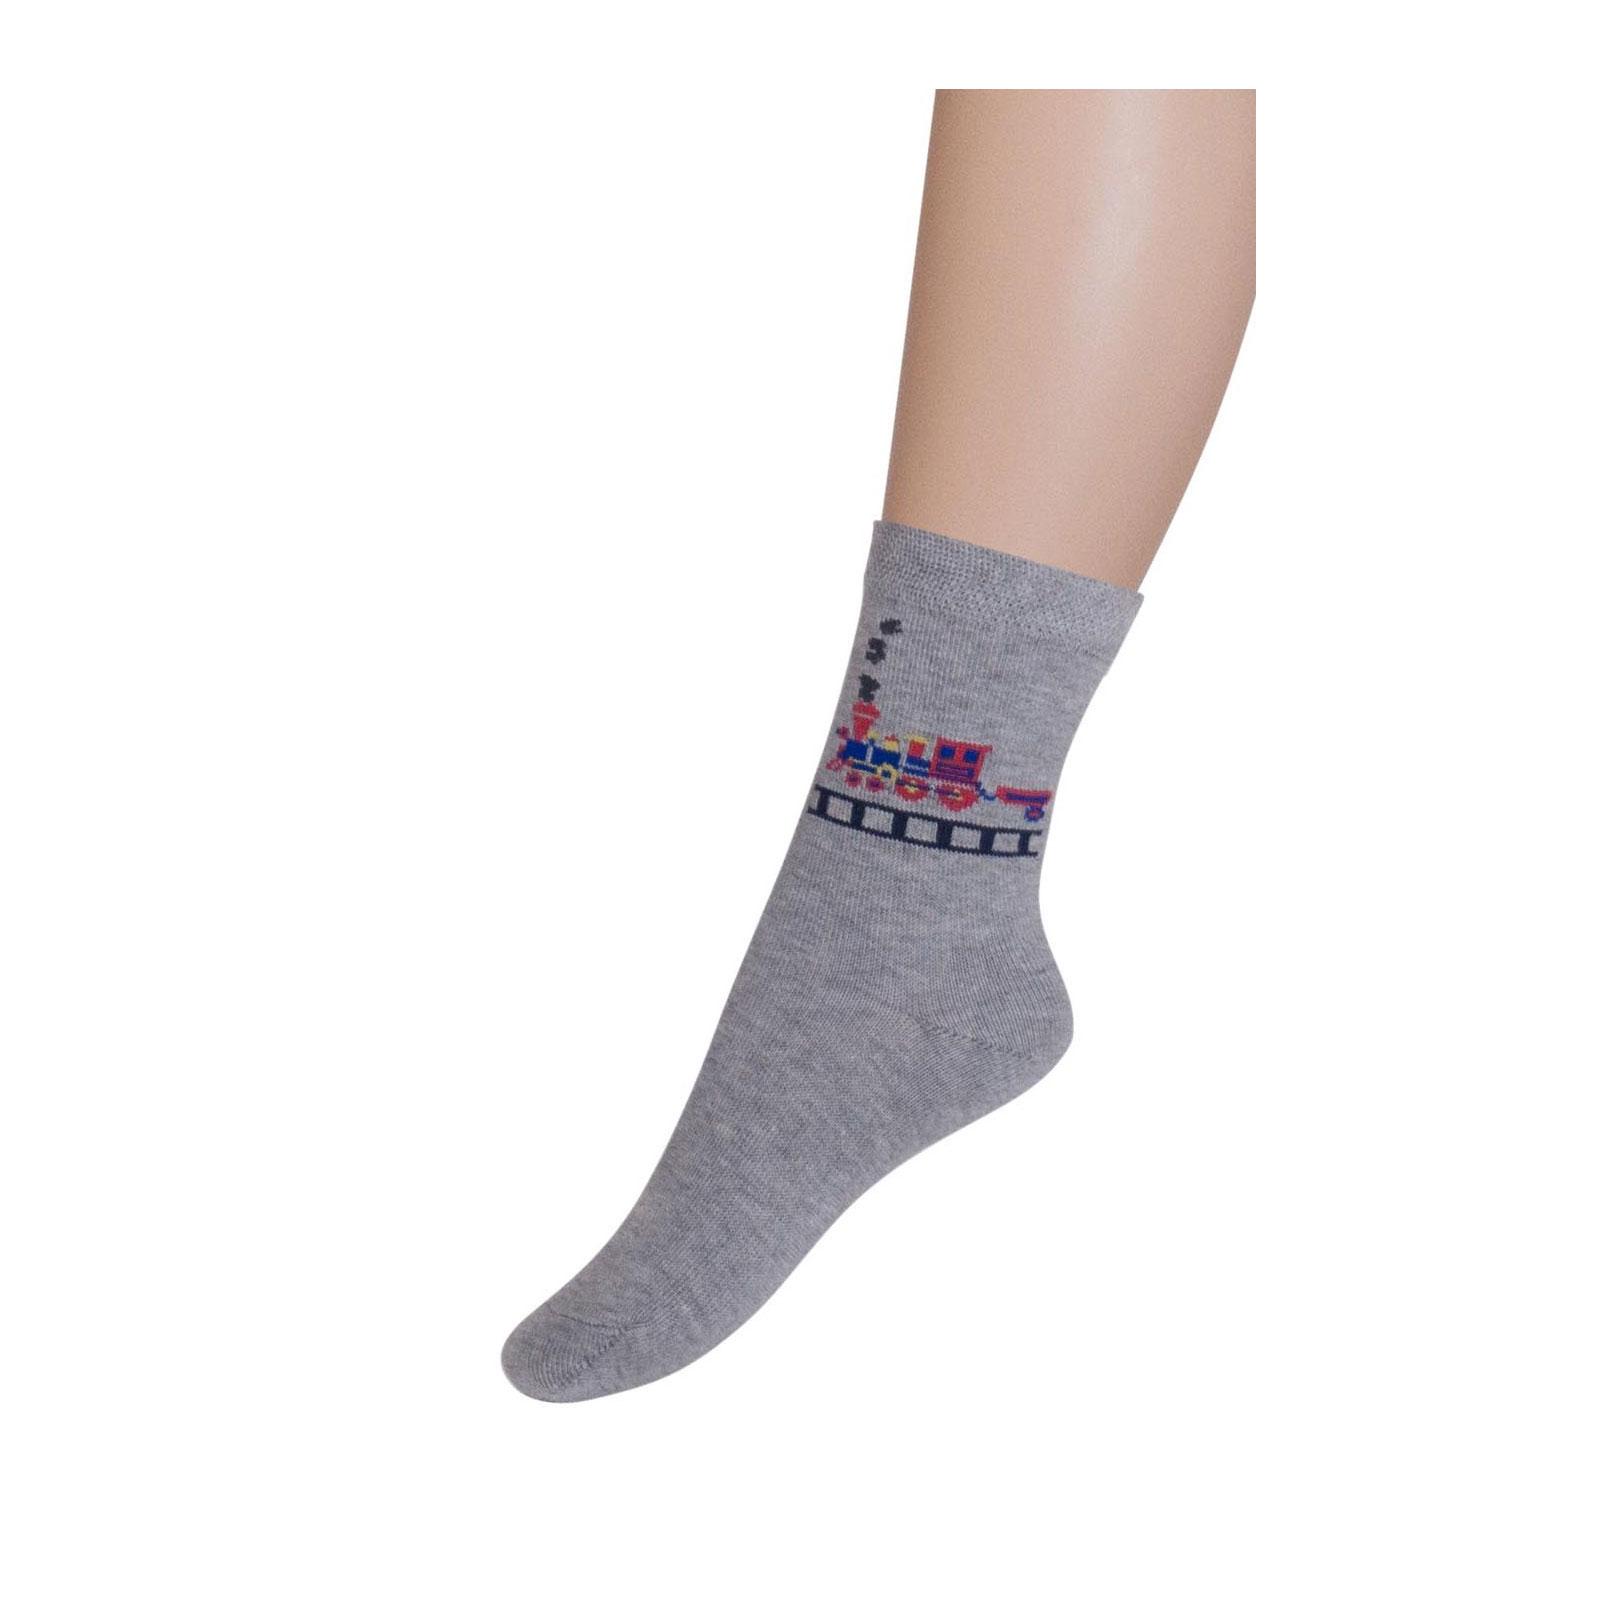 Носки Para Socks N1D11 р 10 светло серый меланж<br>